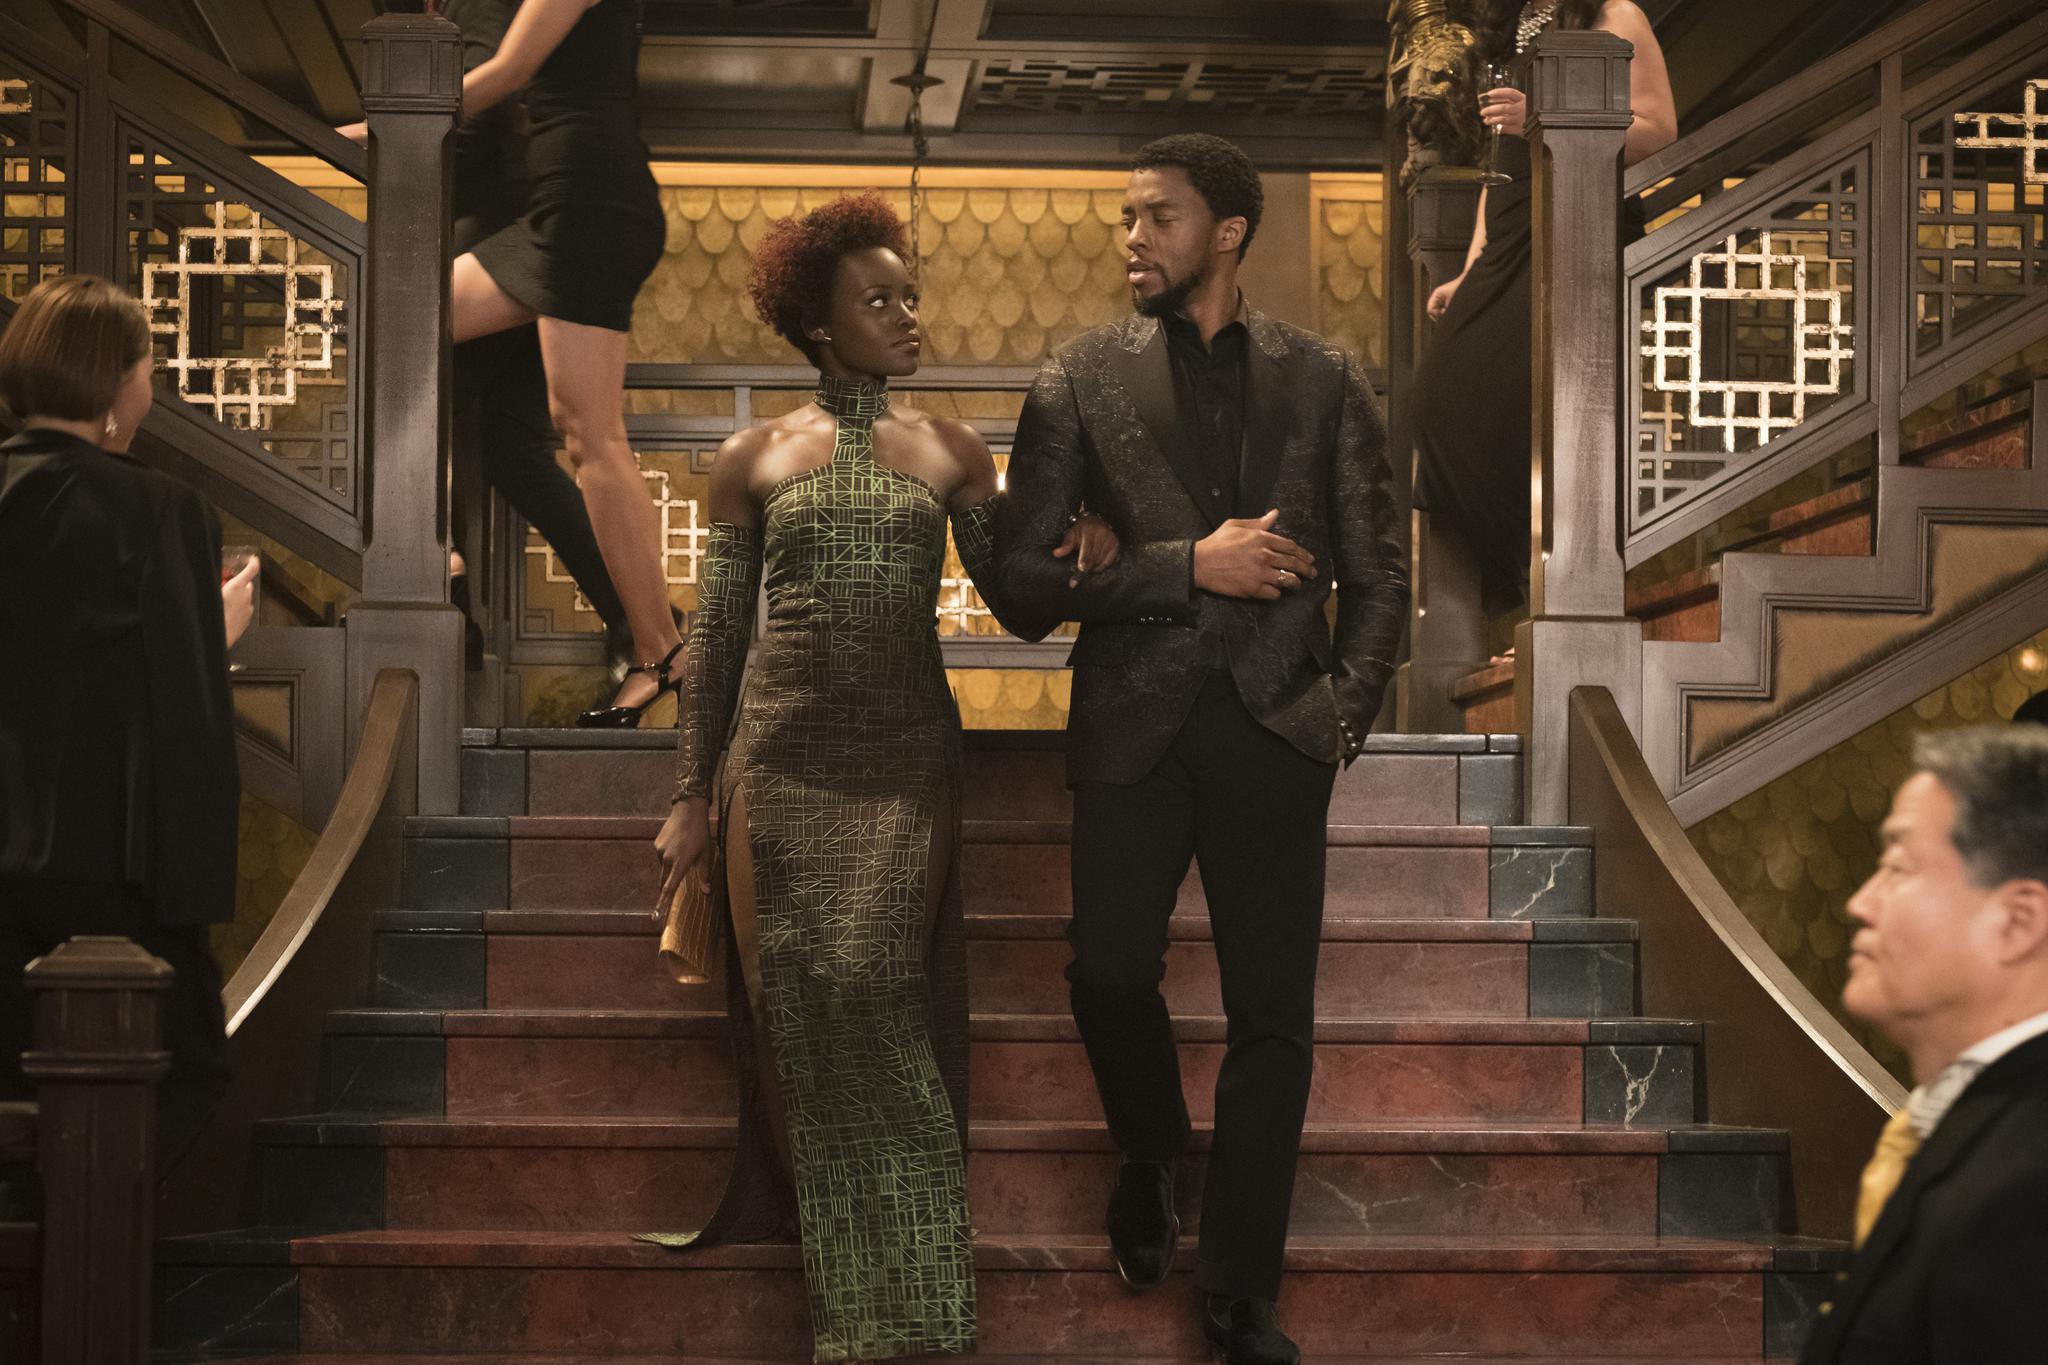 《黑豹》女主角发长文悼念博斯曼,称工作时他从不抱怨图片